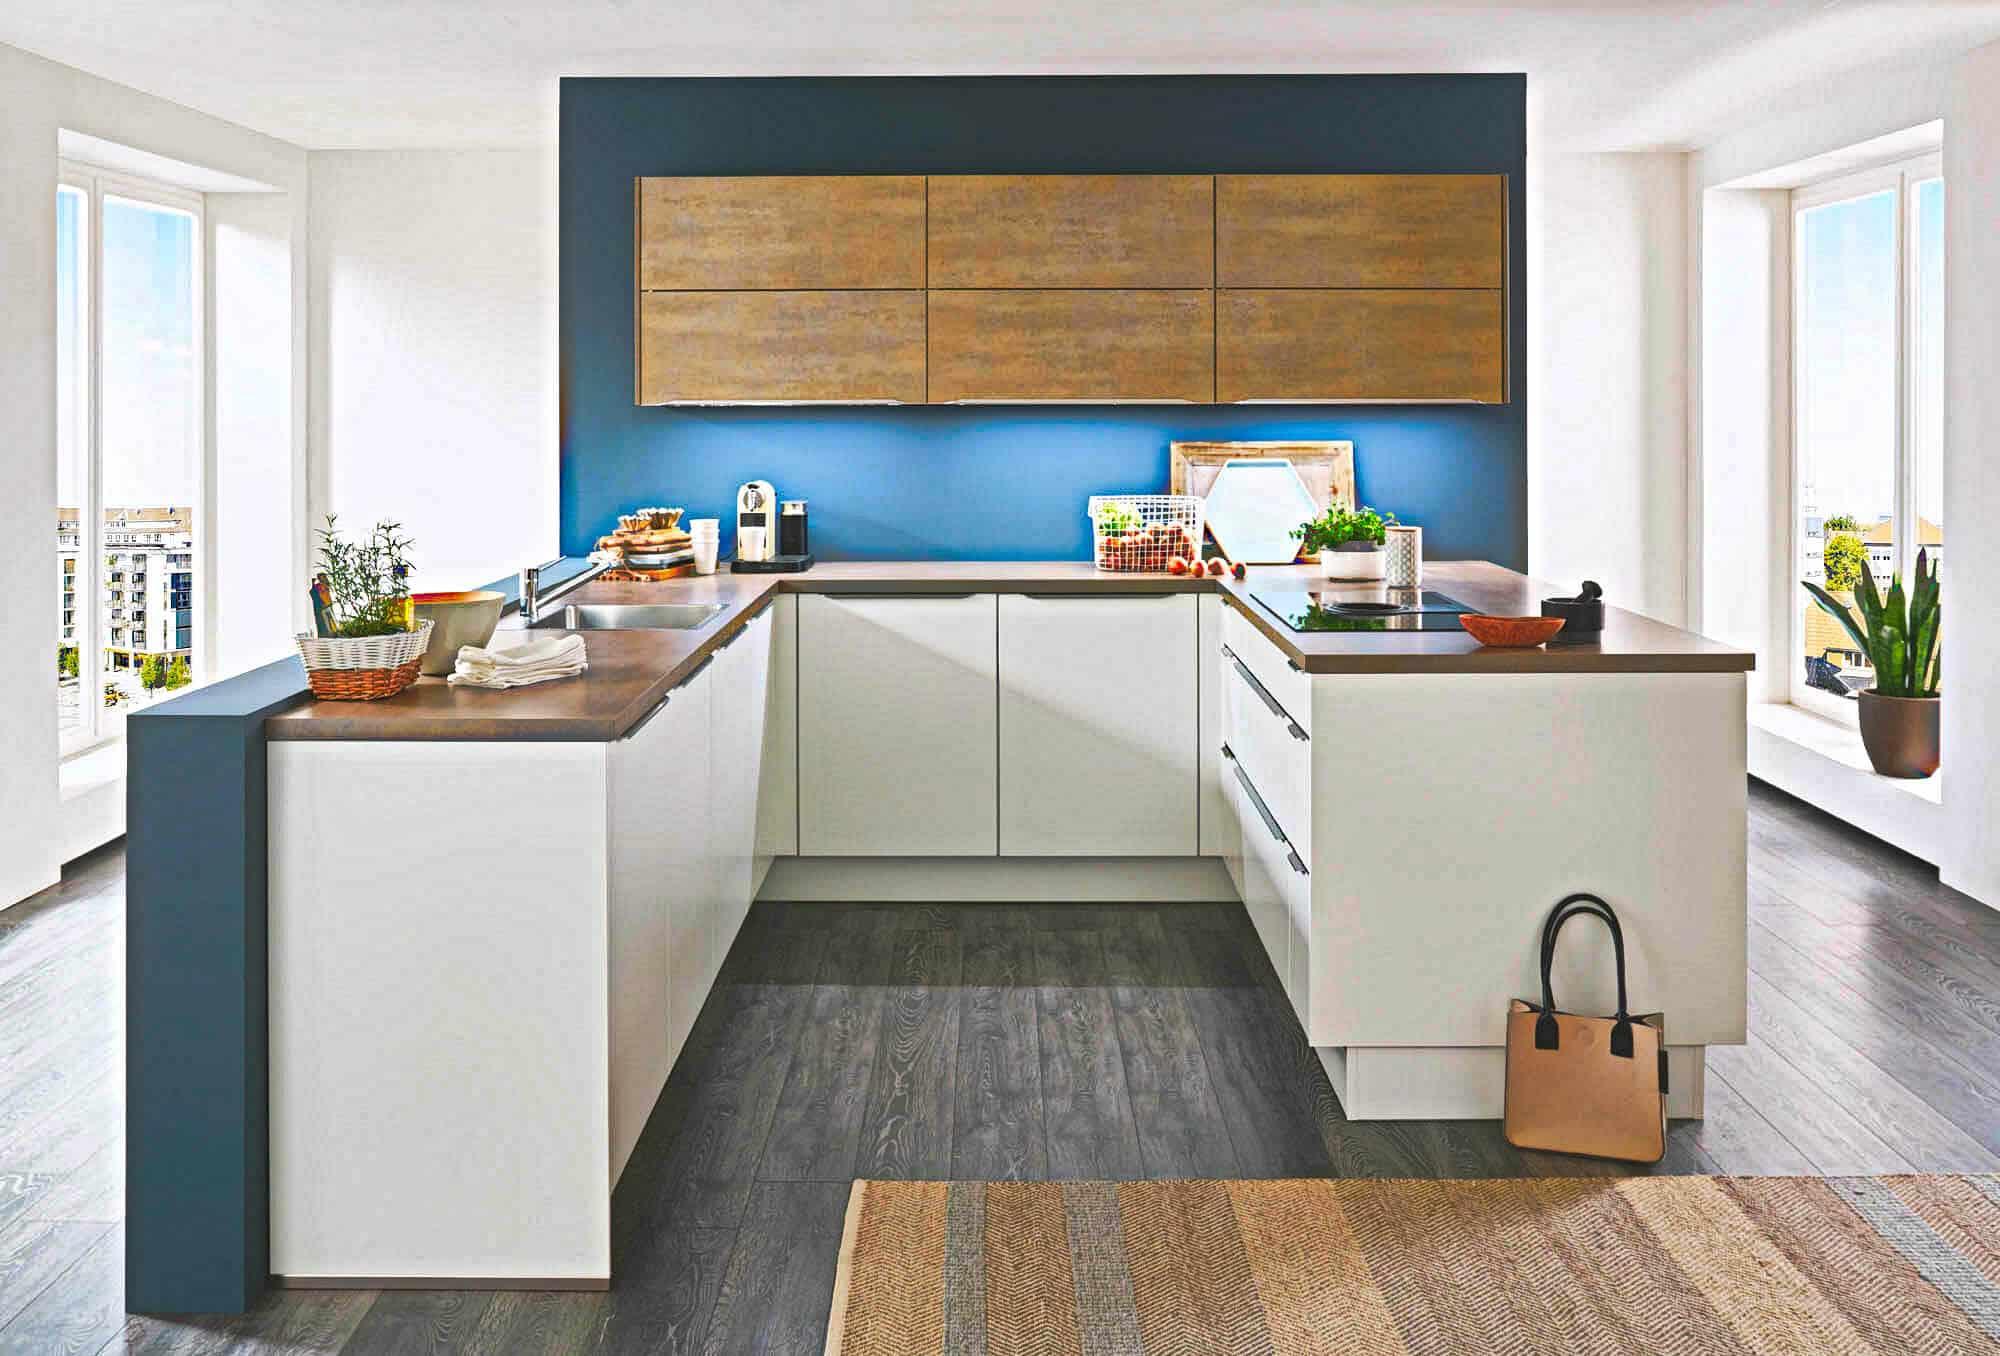 u k chen k chen immer 10 preiswerter als ihr vergleichbares angebot. Black Bedroom Furniture Sets. Home Design Ideas